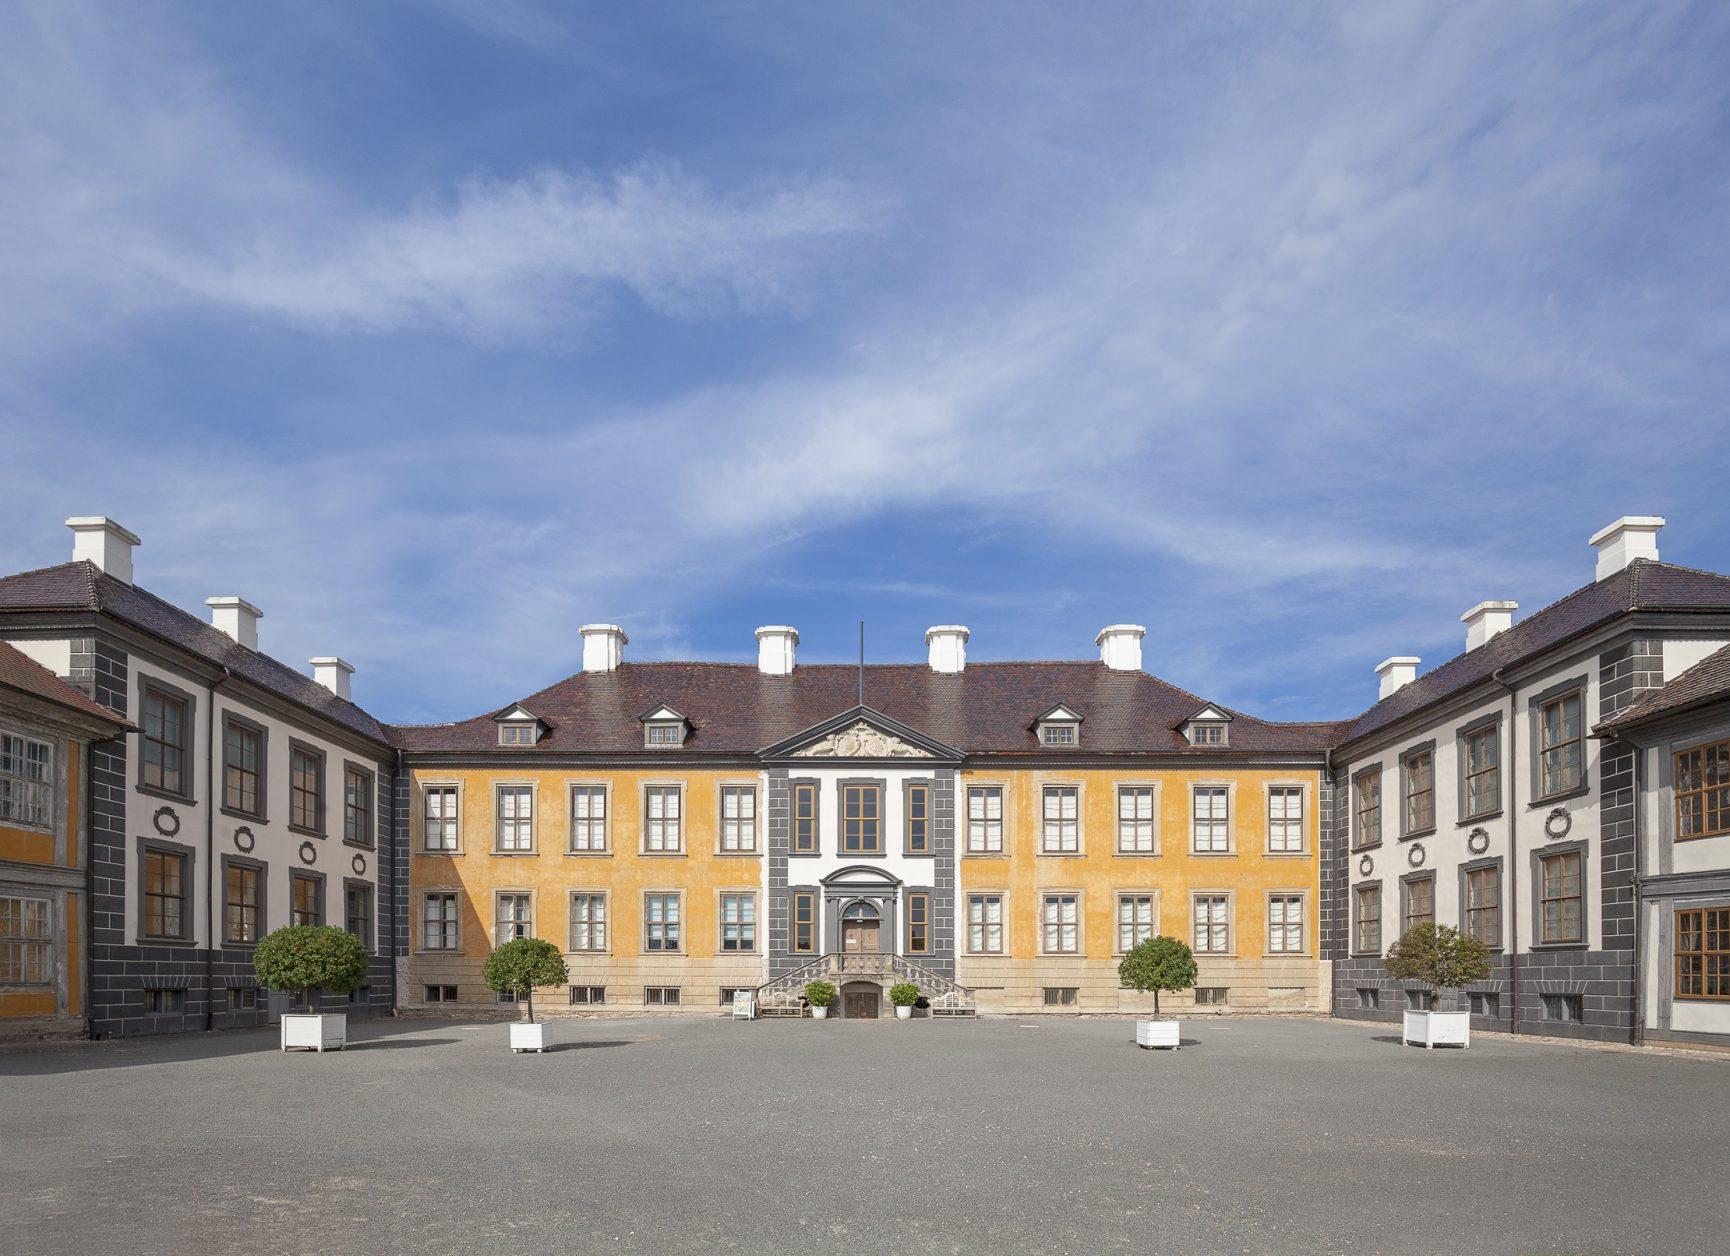 © Kulturstiftung Dessau-Wörlitz, Foto: Heinz Fräßdorf,